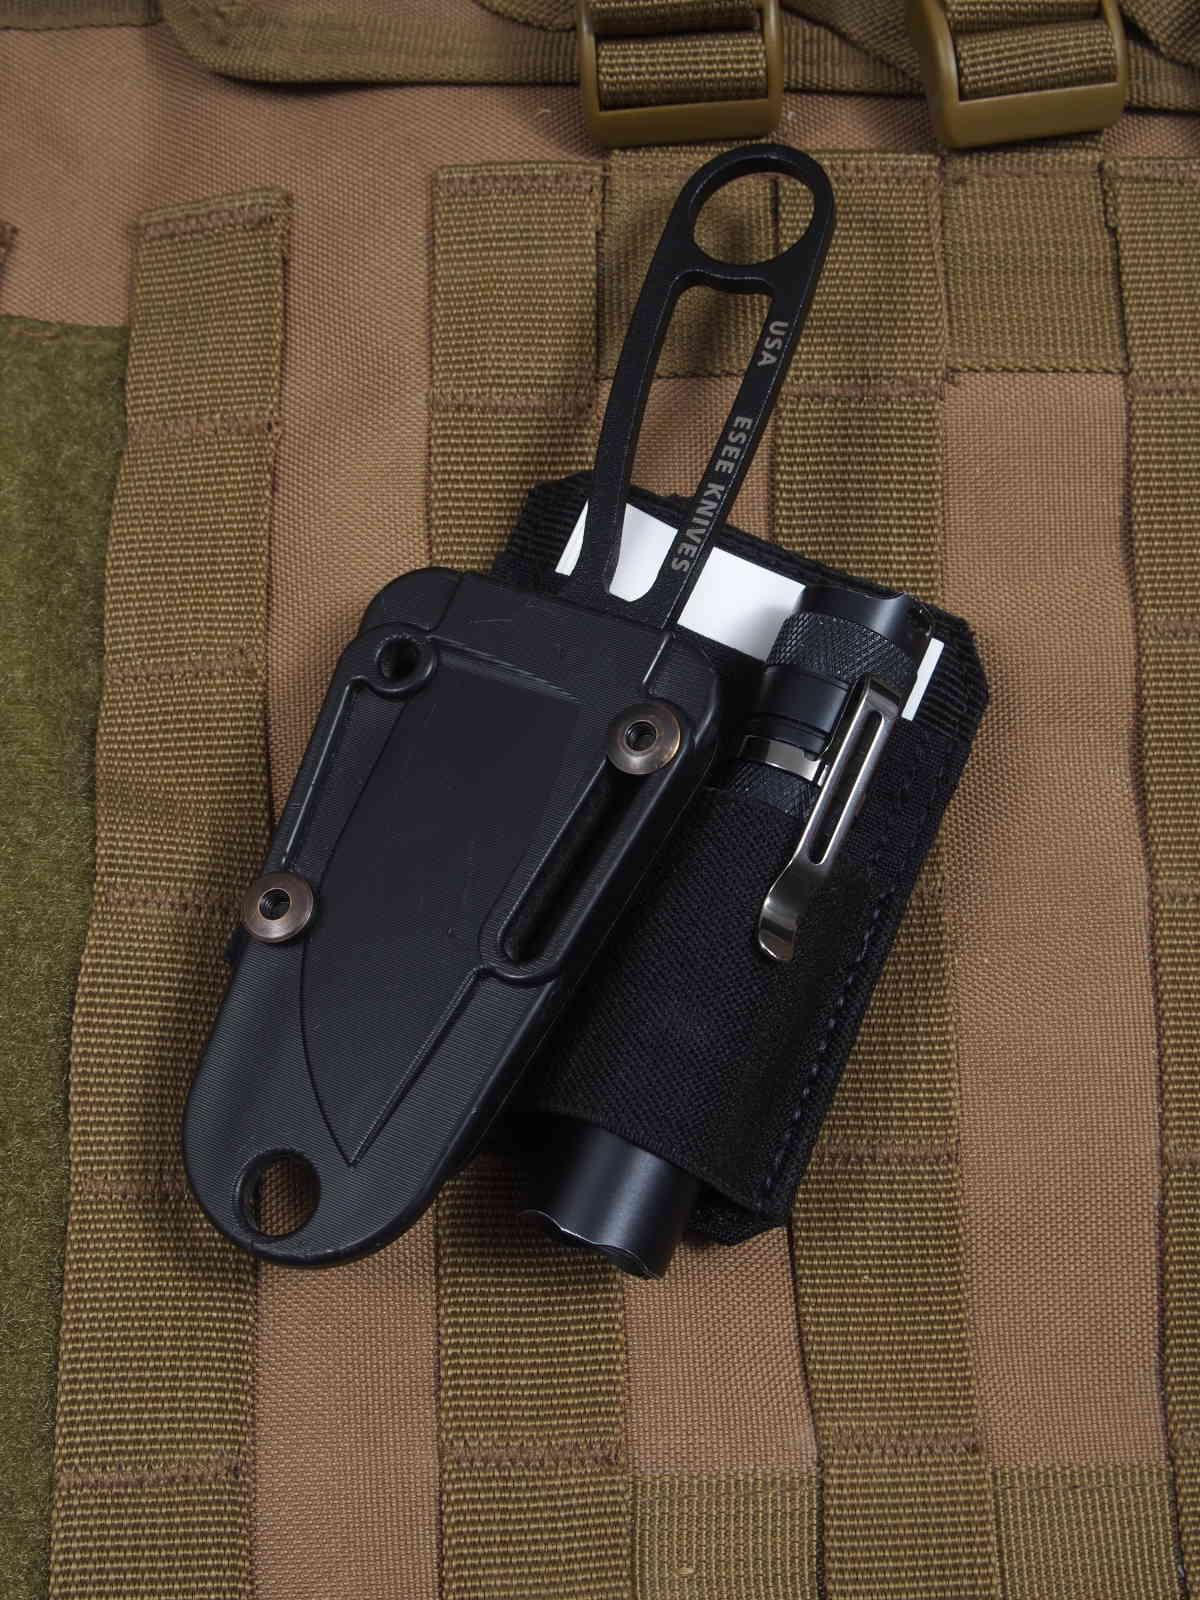 5.11Tactical Tablet Carrier - Light-Write Patch mit kleinem Fixed und Taschenlampe